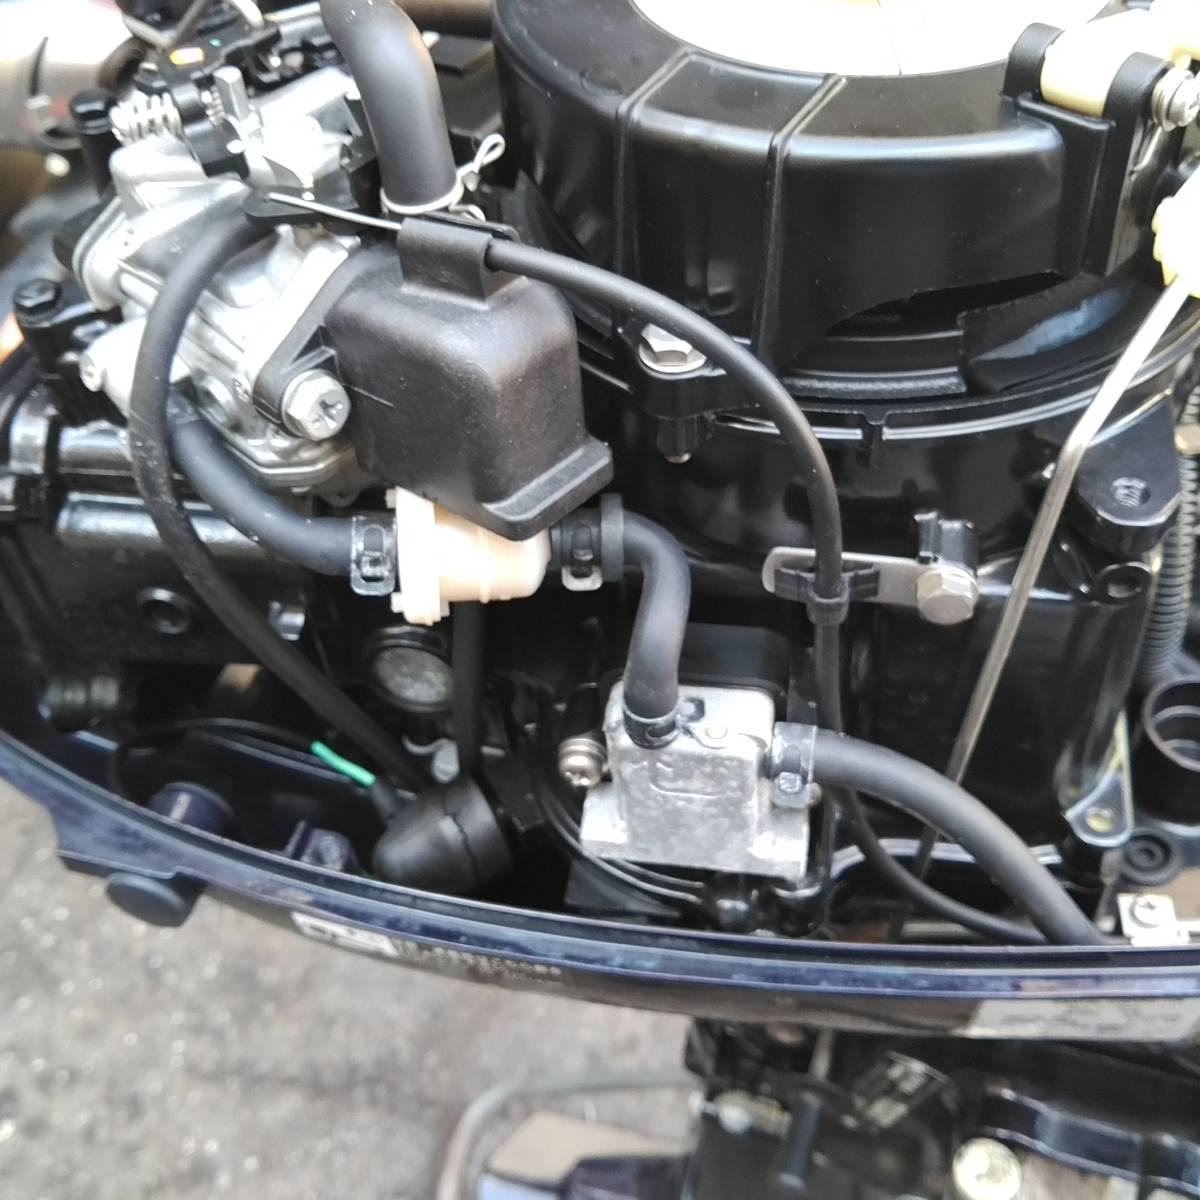 トーハツ6馬力 4サイクル _画像5